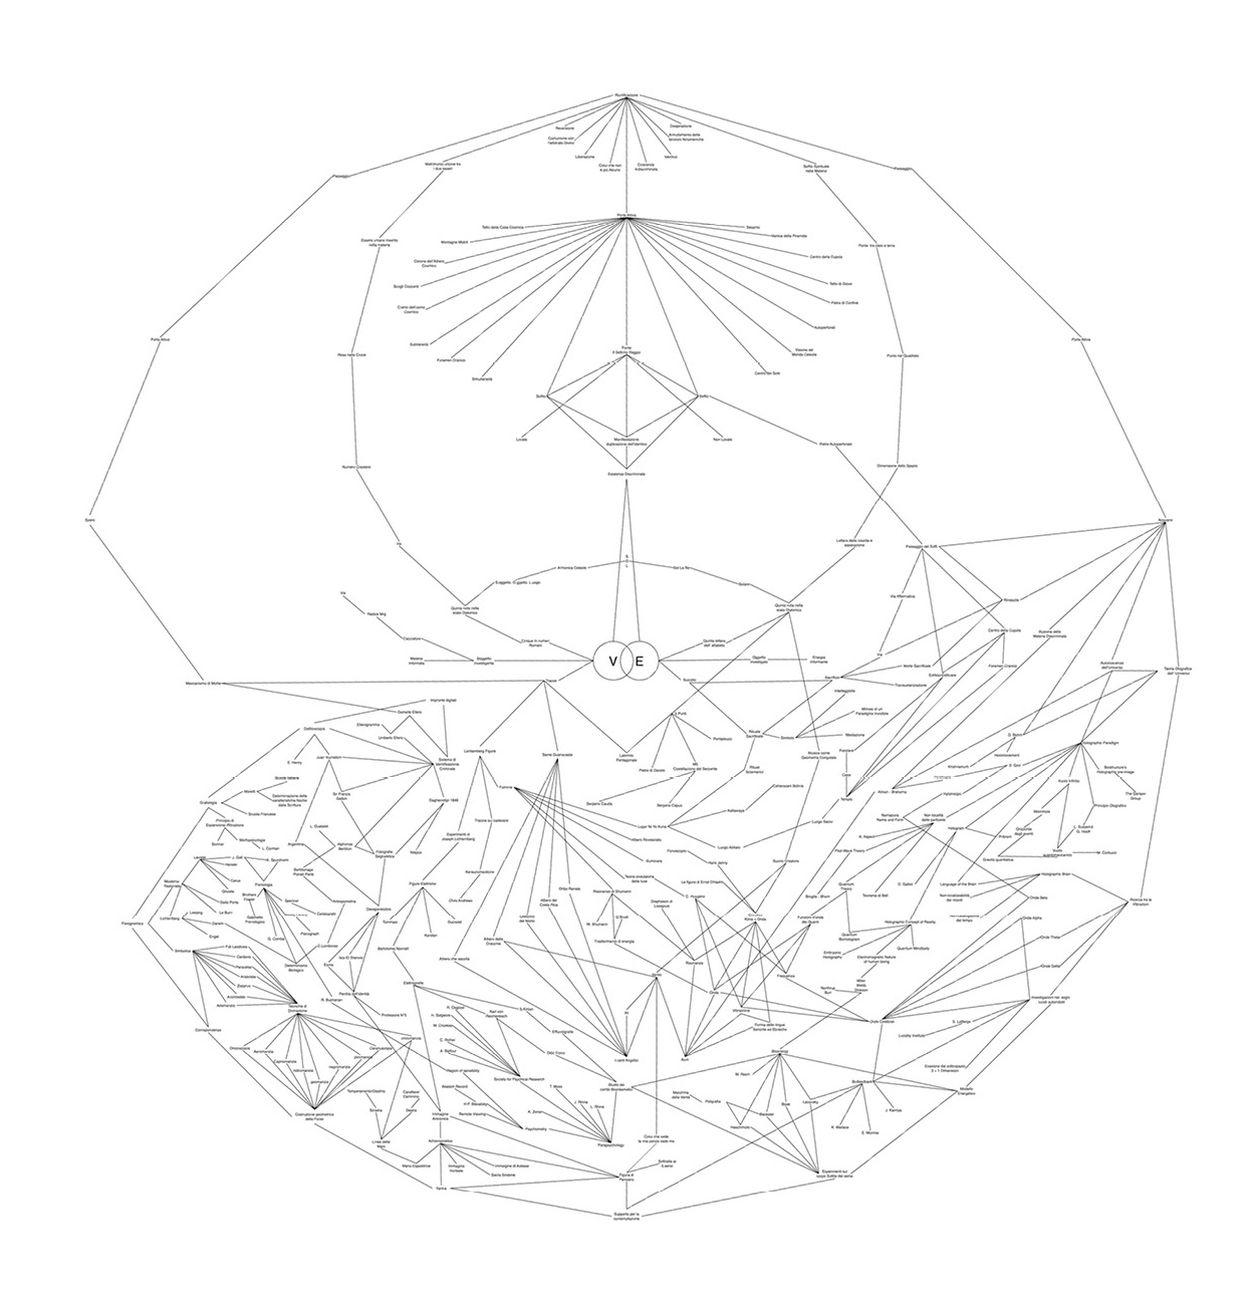 Riccardo Arena, Figura di parola – Geometria di forze, 2012